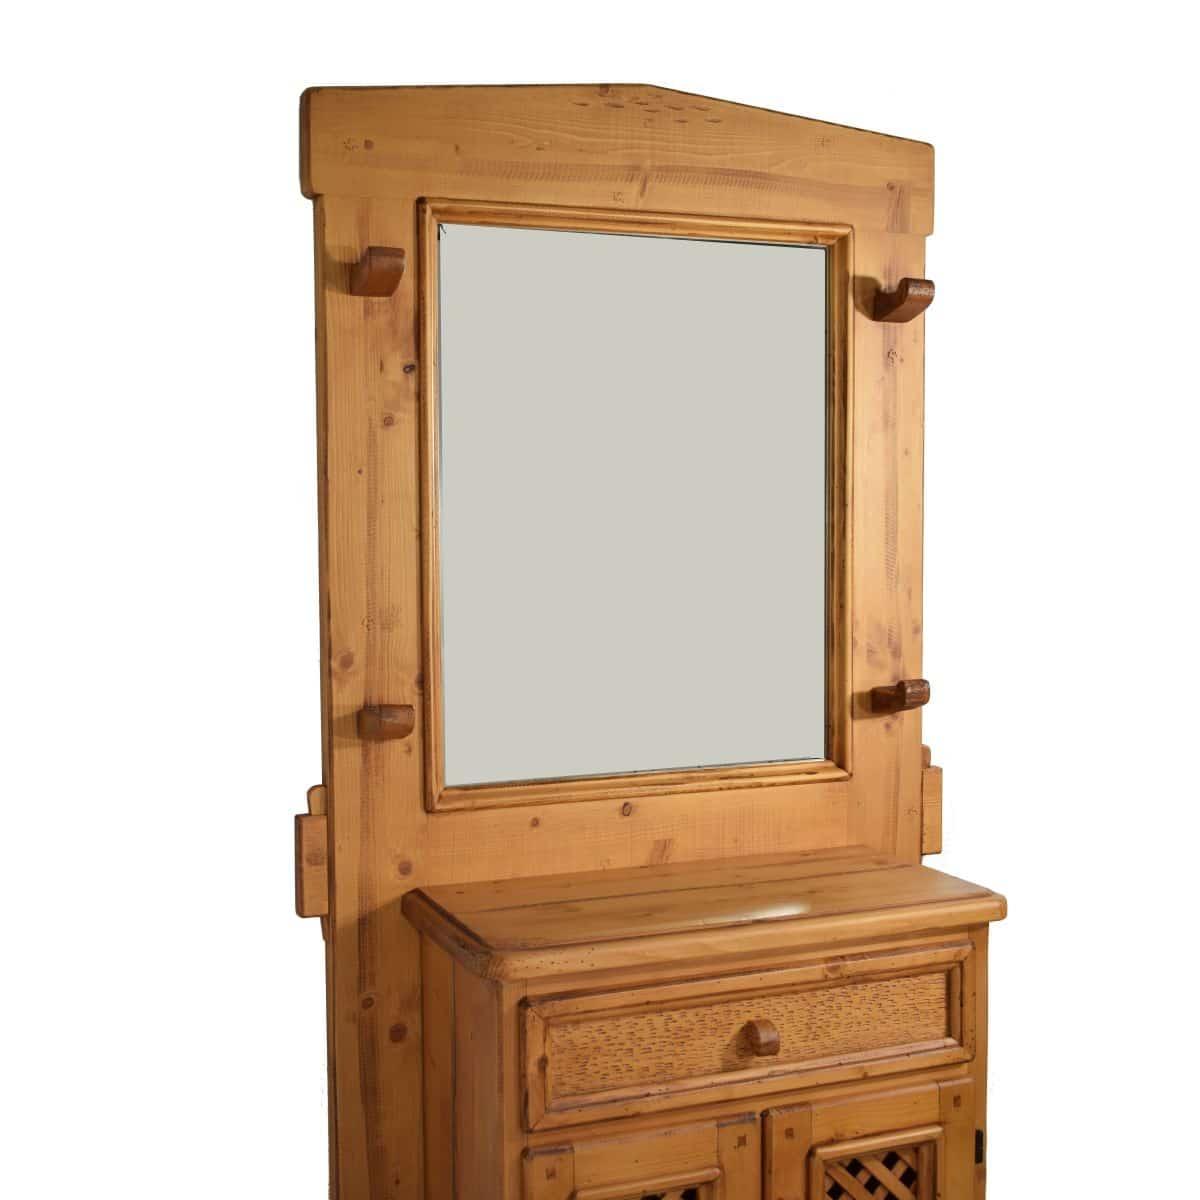 Recibidor r stico con puertas ecor stico venta de muebles - Muebles percheros entrada ...